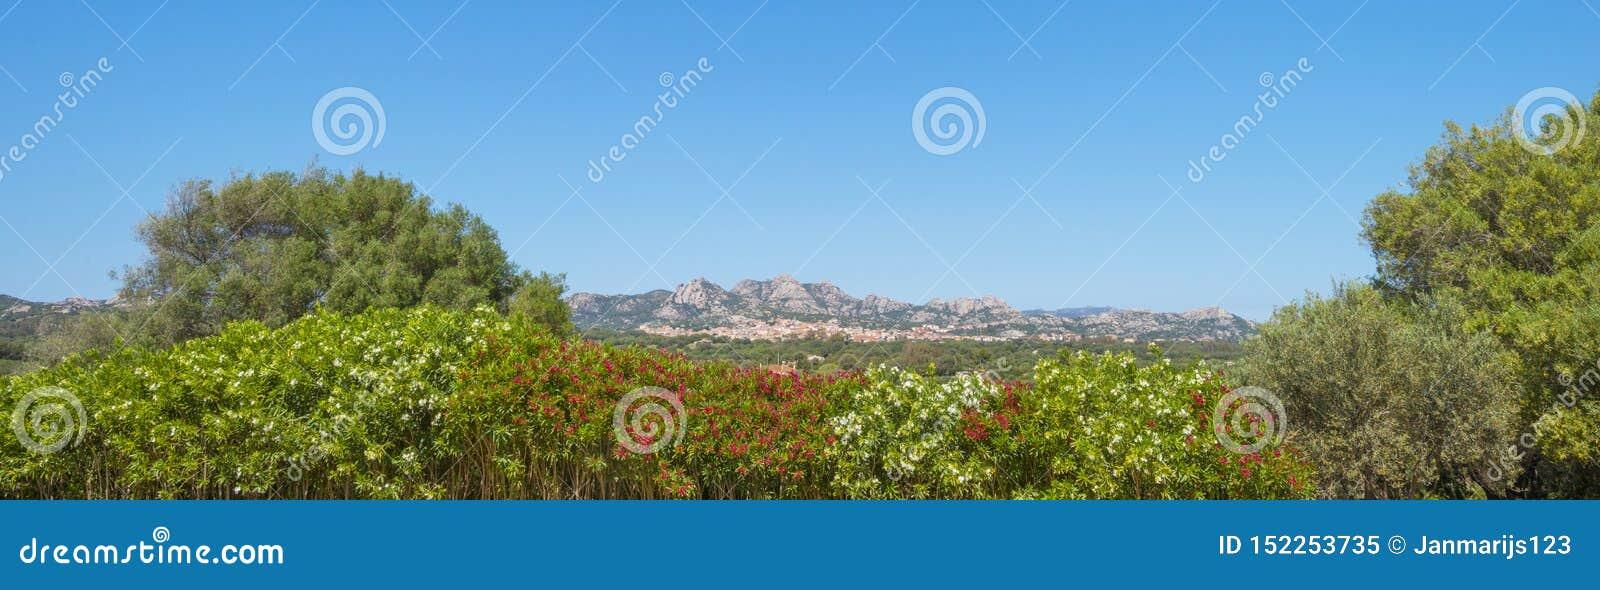 Szenische Landschaft von grünen Hügeln und von felsigen Bergen der Insel von Sardinien